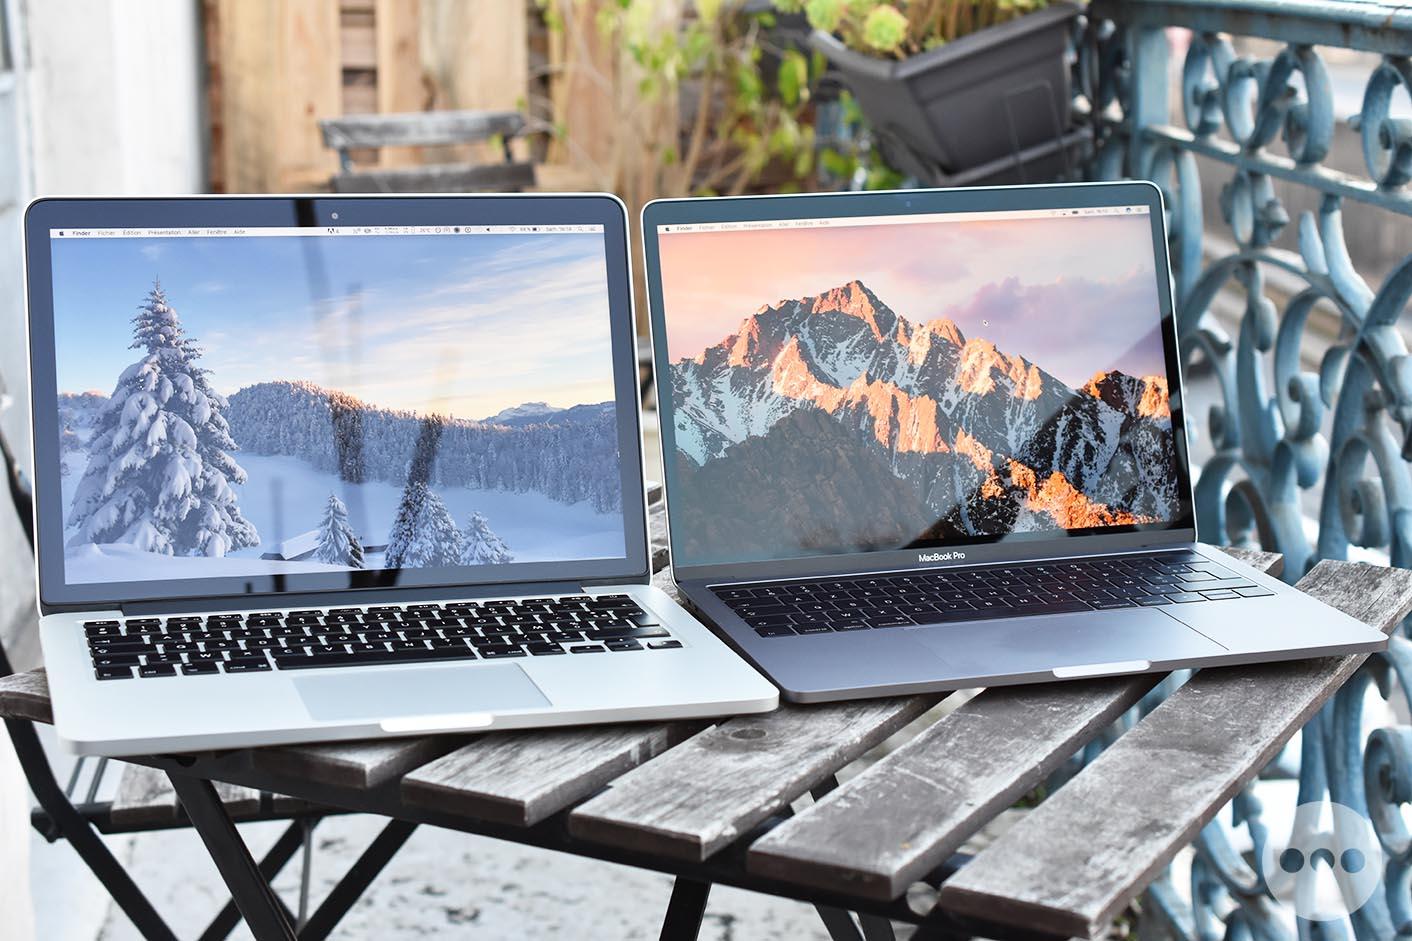 MacBook Pro 2026 dimensions 13 pouces